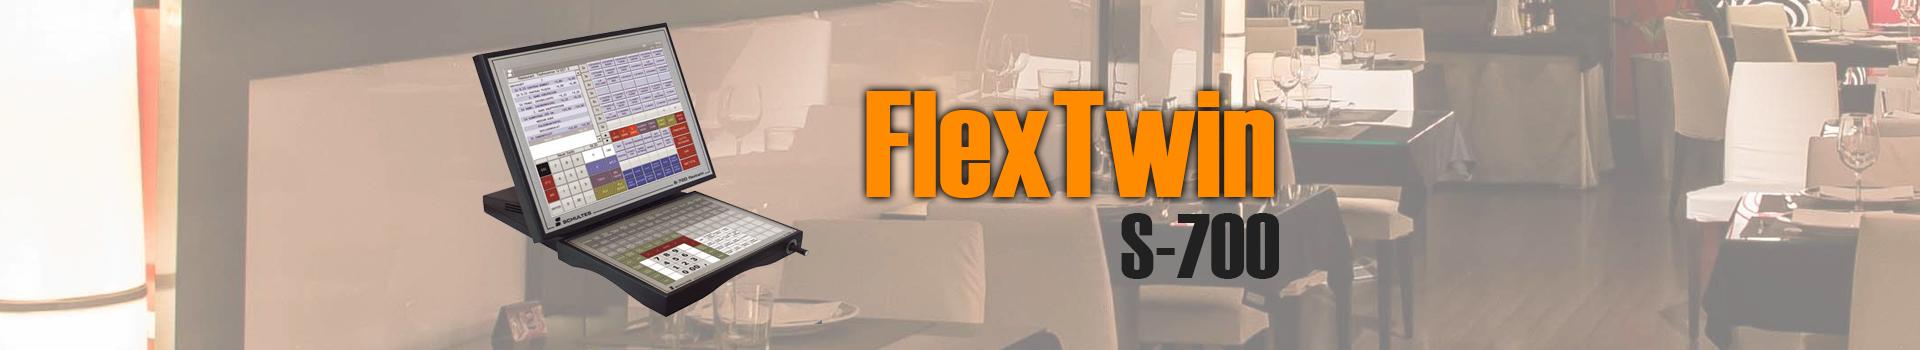 Flextwin